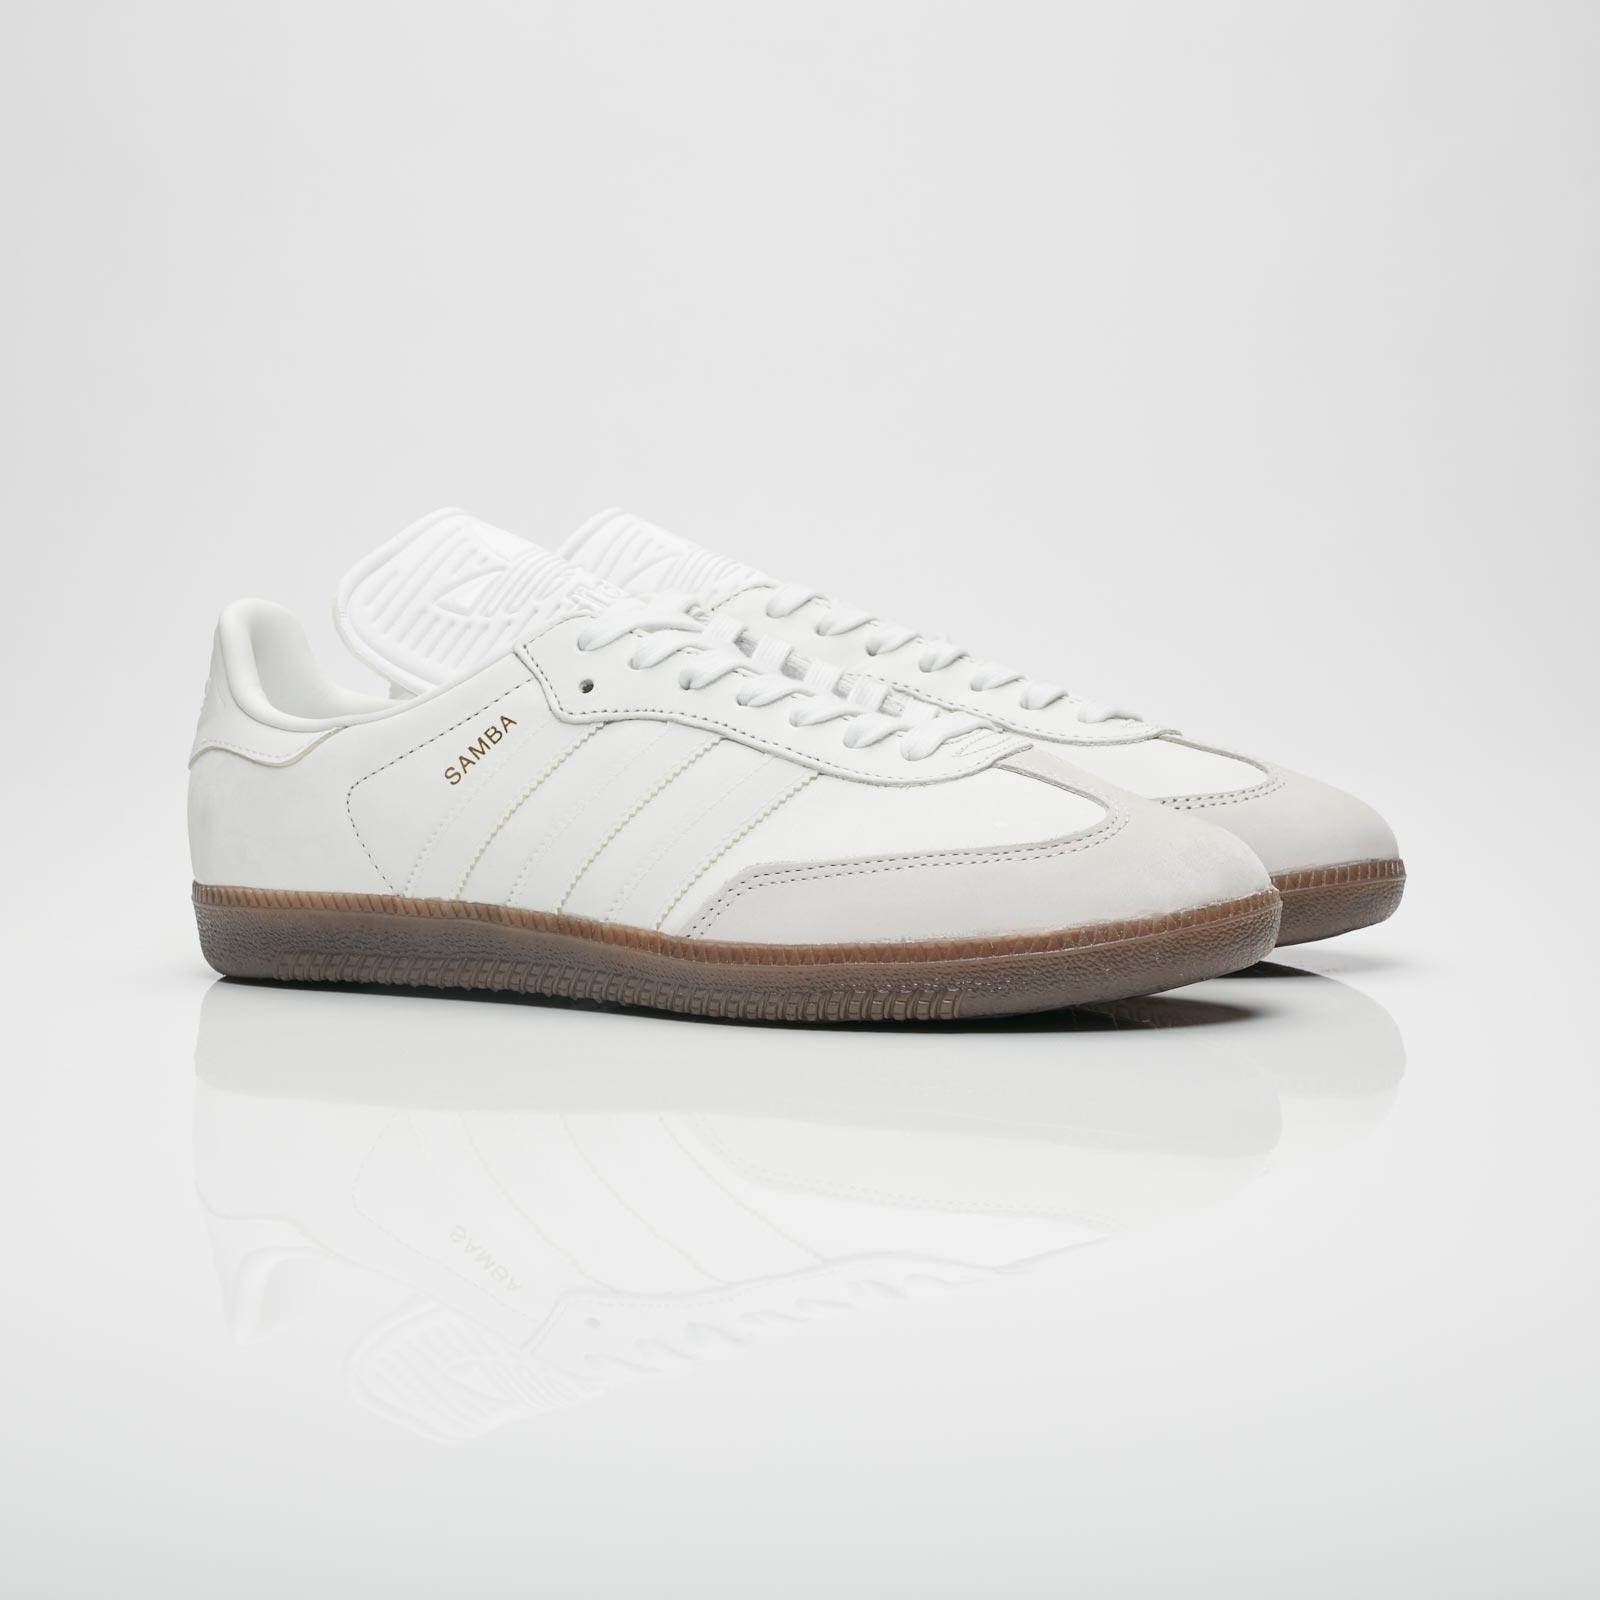 38c7e1ece6f390 germany adidas originals samba classic og mig 25a40 7548e  coupon for adidas  originals samba classic og 195bc 4a76f